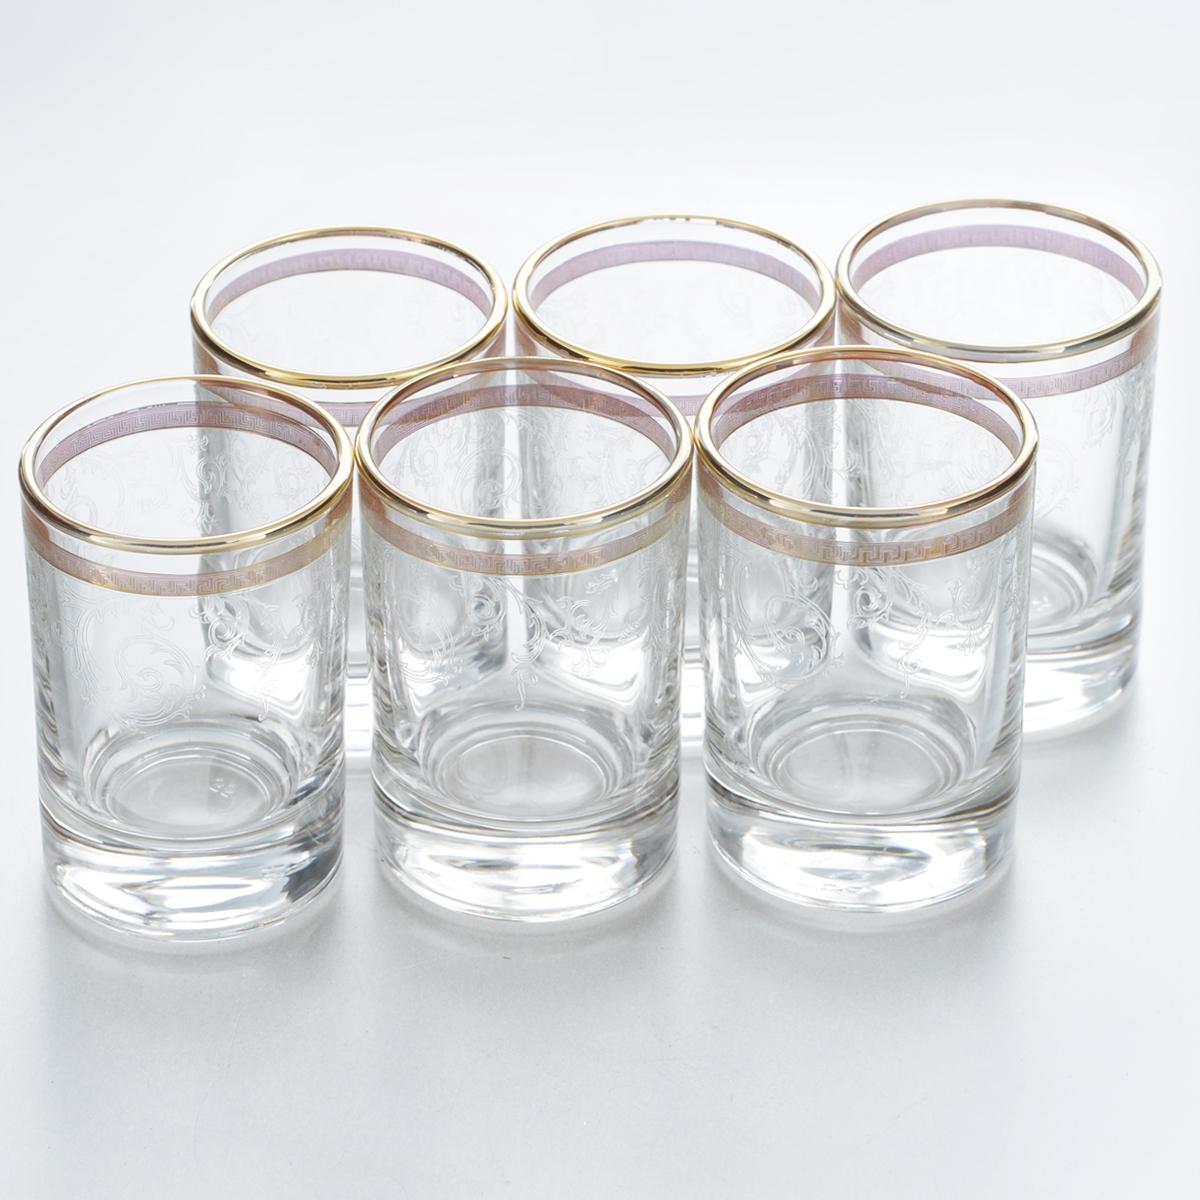 Набор стопок Гусь-Хрустальный Каскад, 60 мл, 6 штVT-1520(SR)Набор Гусь-Хрустальный Каскад состоит из 6 стопок, изготовленных из высококачественного натрий-кальций-силикатного стекла. Изделия оформлены красивым зеркальным покрытием, оригинальной окантовкой и прозрачным орнаментом. Такой набор прекрасно дополнит праздничный стол и станет желанным подарком в любом доме. Разрешается мыть в посудомоечной машине. Диаметр стопки (по верхнему краю): 4,5 см. Высота стопки: 6,6 см.